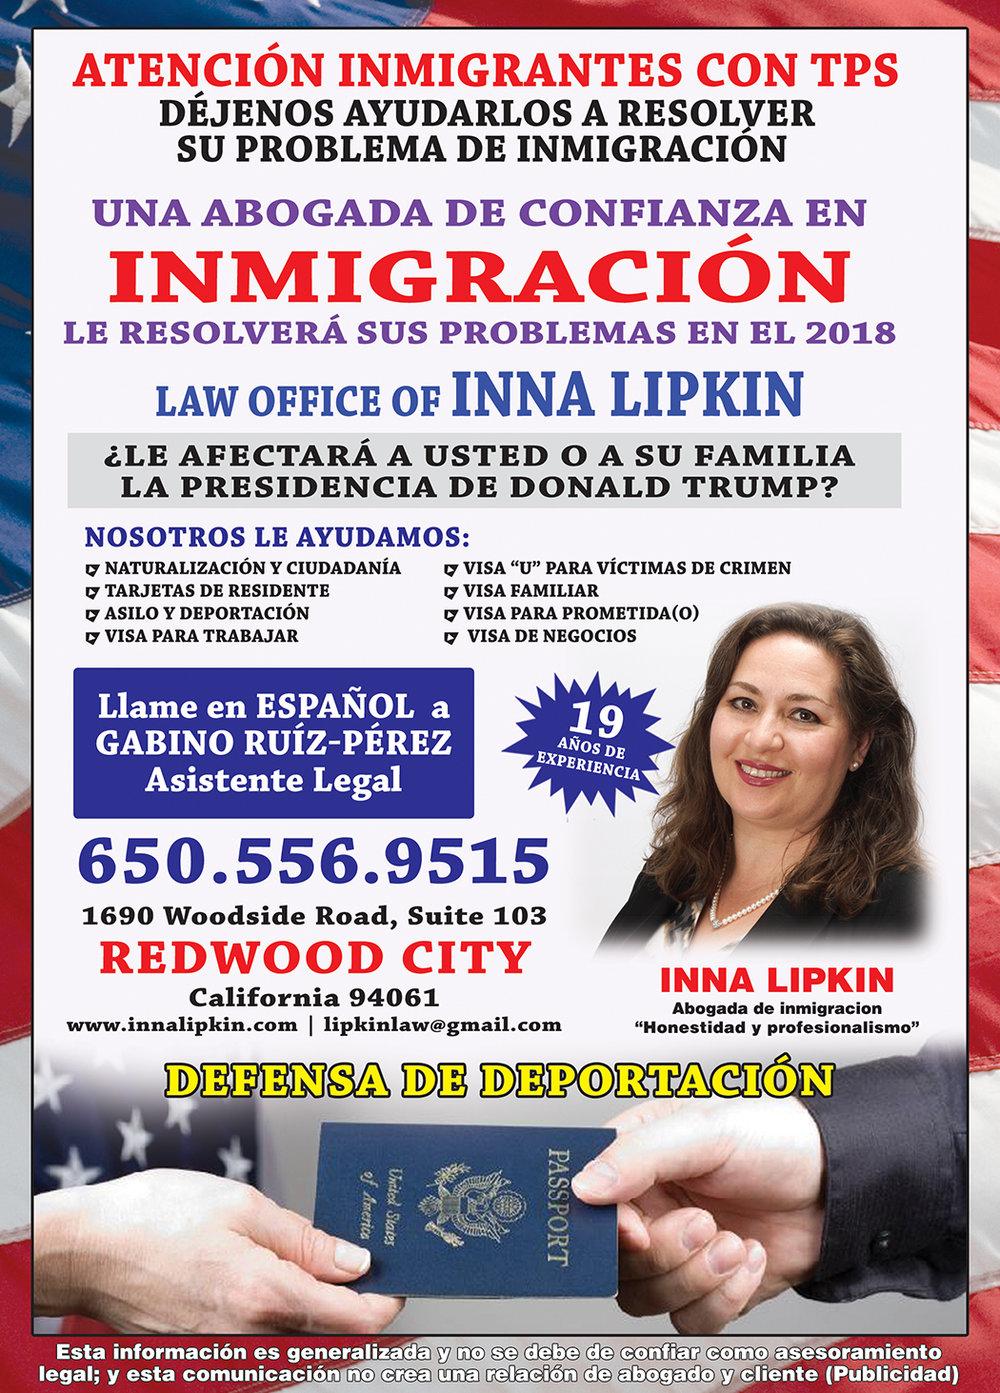 Inna Lipkin Law Office 1 pag FEBRERO 2018.jpg